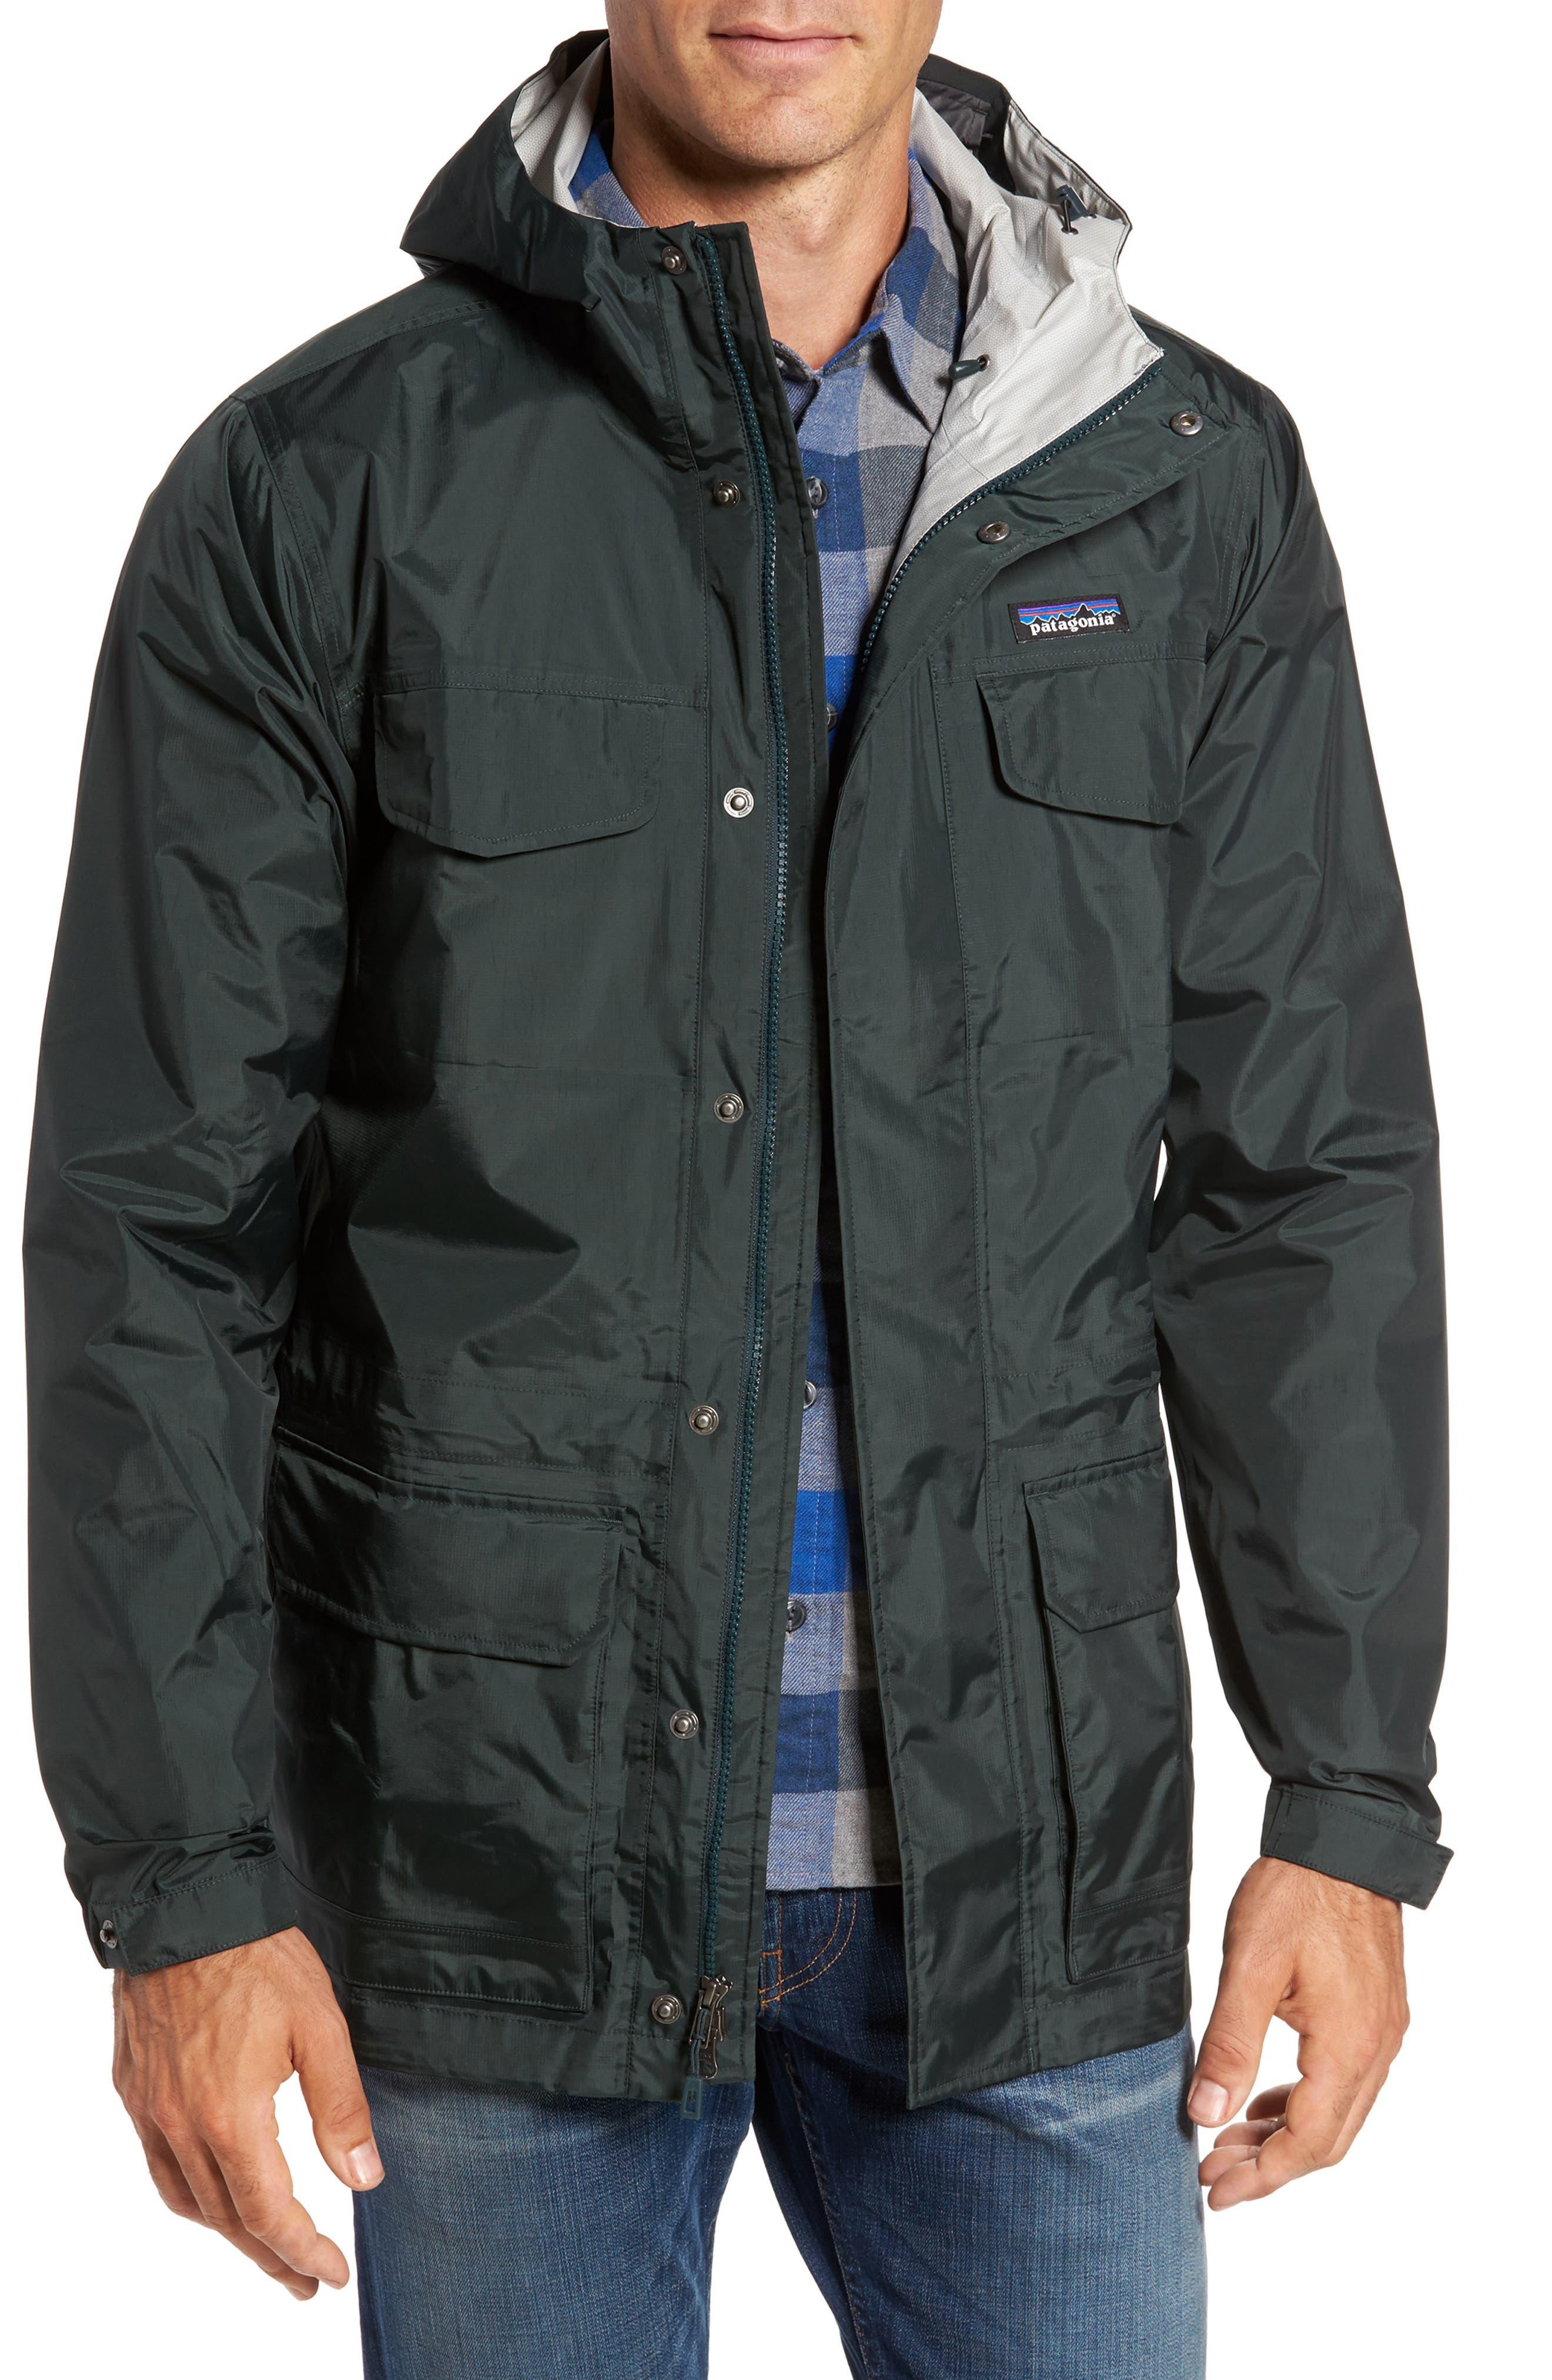 Main Image - Patagonia Torrentshell Waterproof Jacket